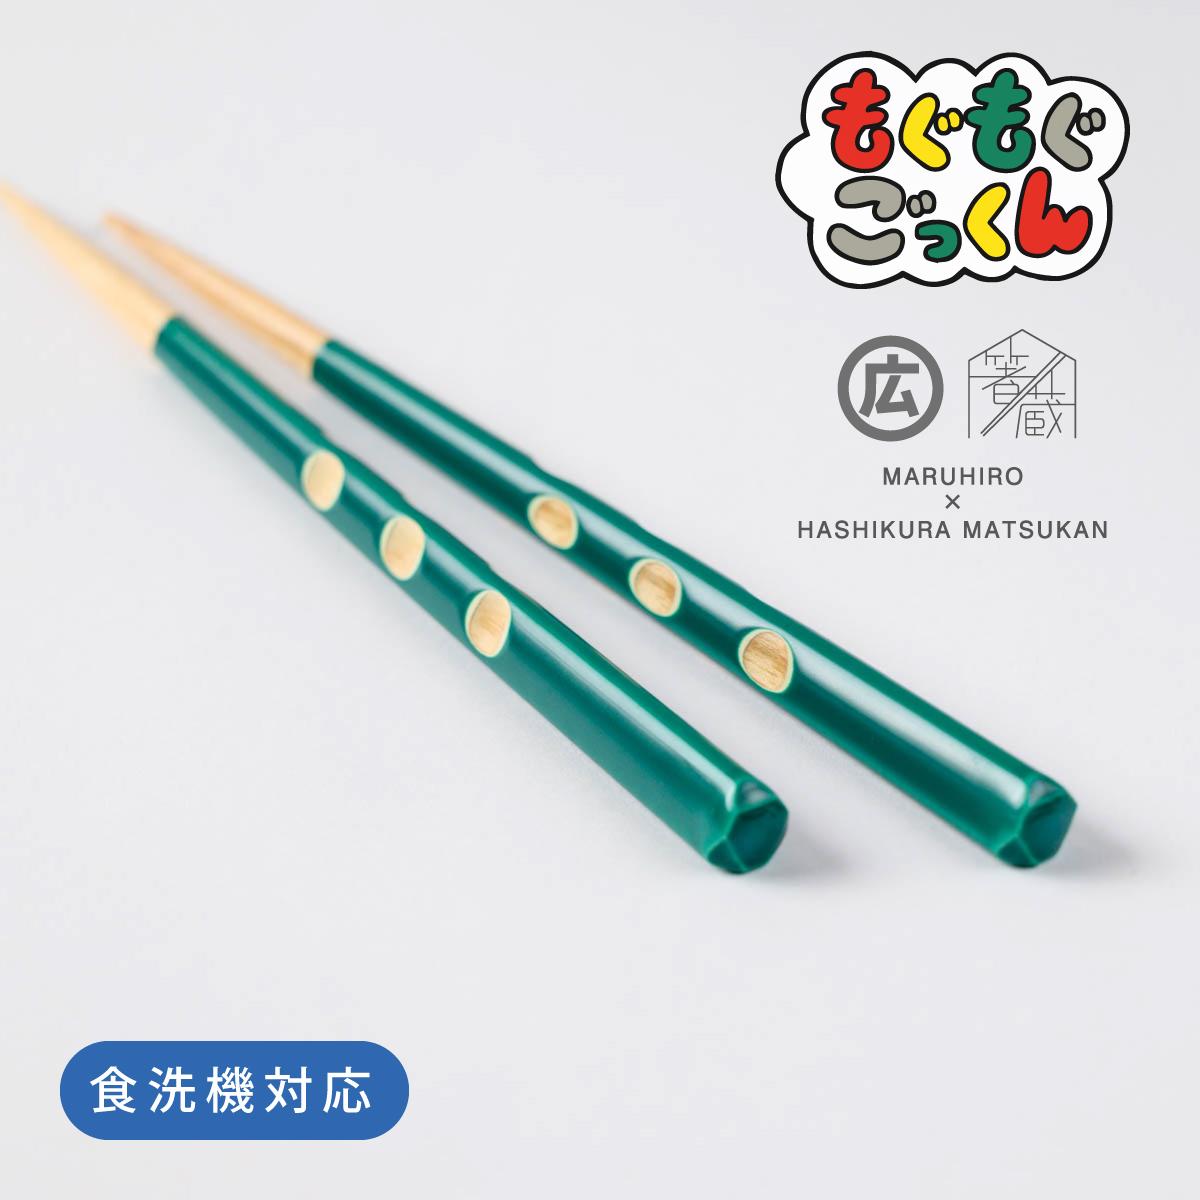 食洗機対応箸 もぐもぐごっくん箸 各色 16.5cm マルヒロ×箸蔵まつかん